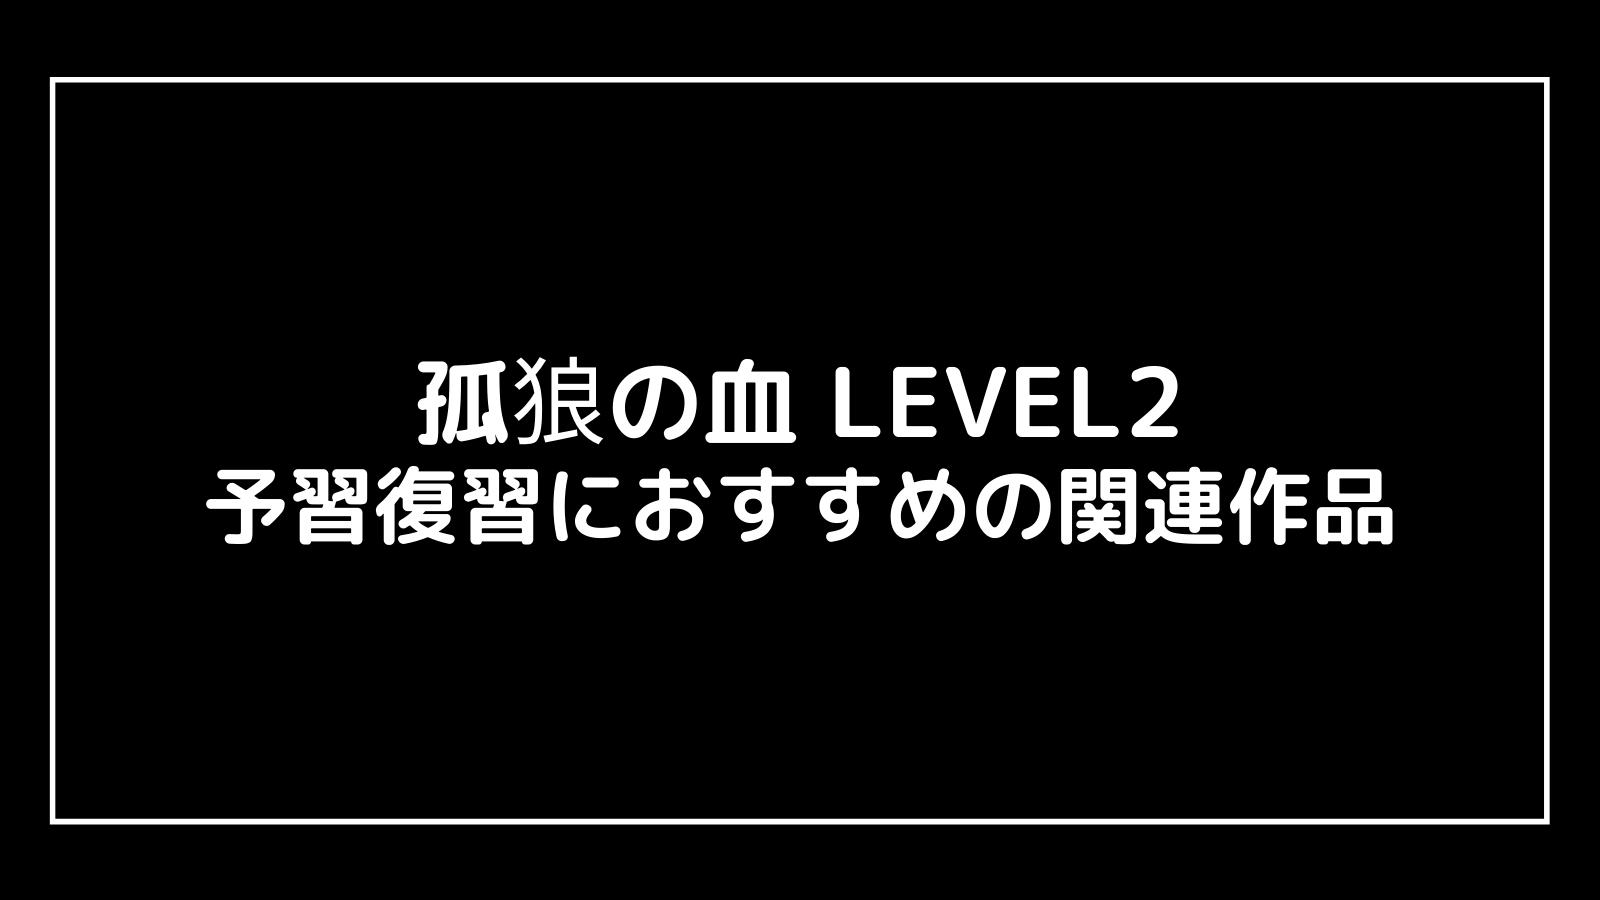 『孤狼の血 LEVEL2』予習復習におすすめの関連作品まとめ